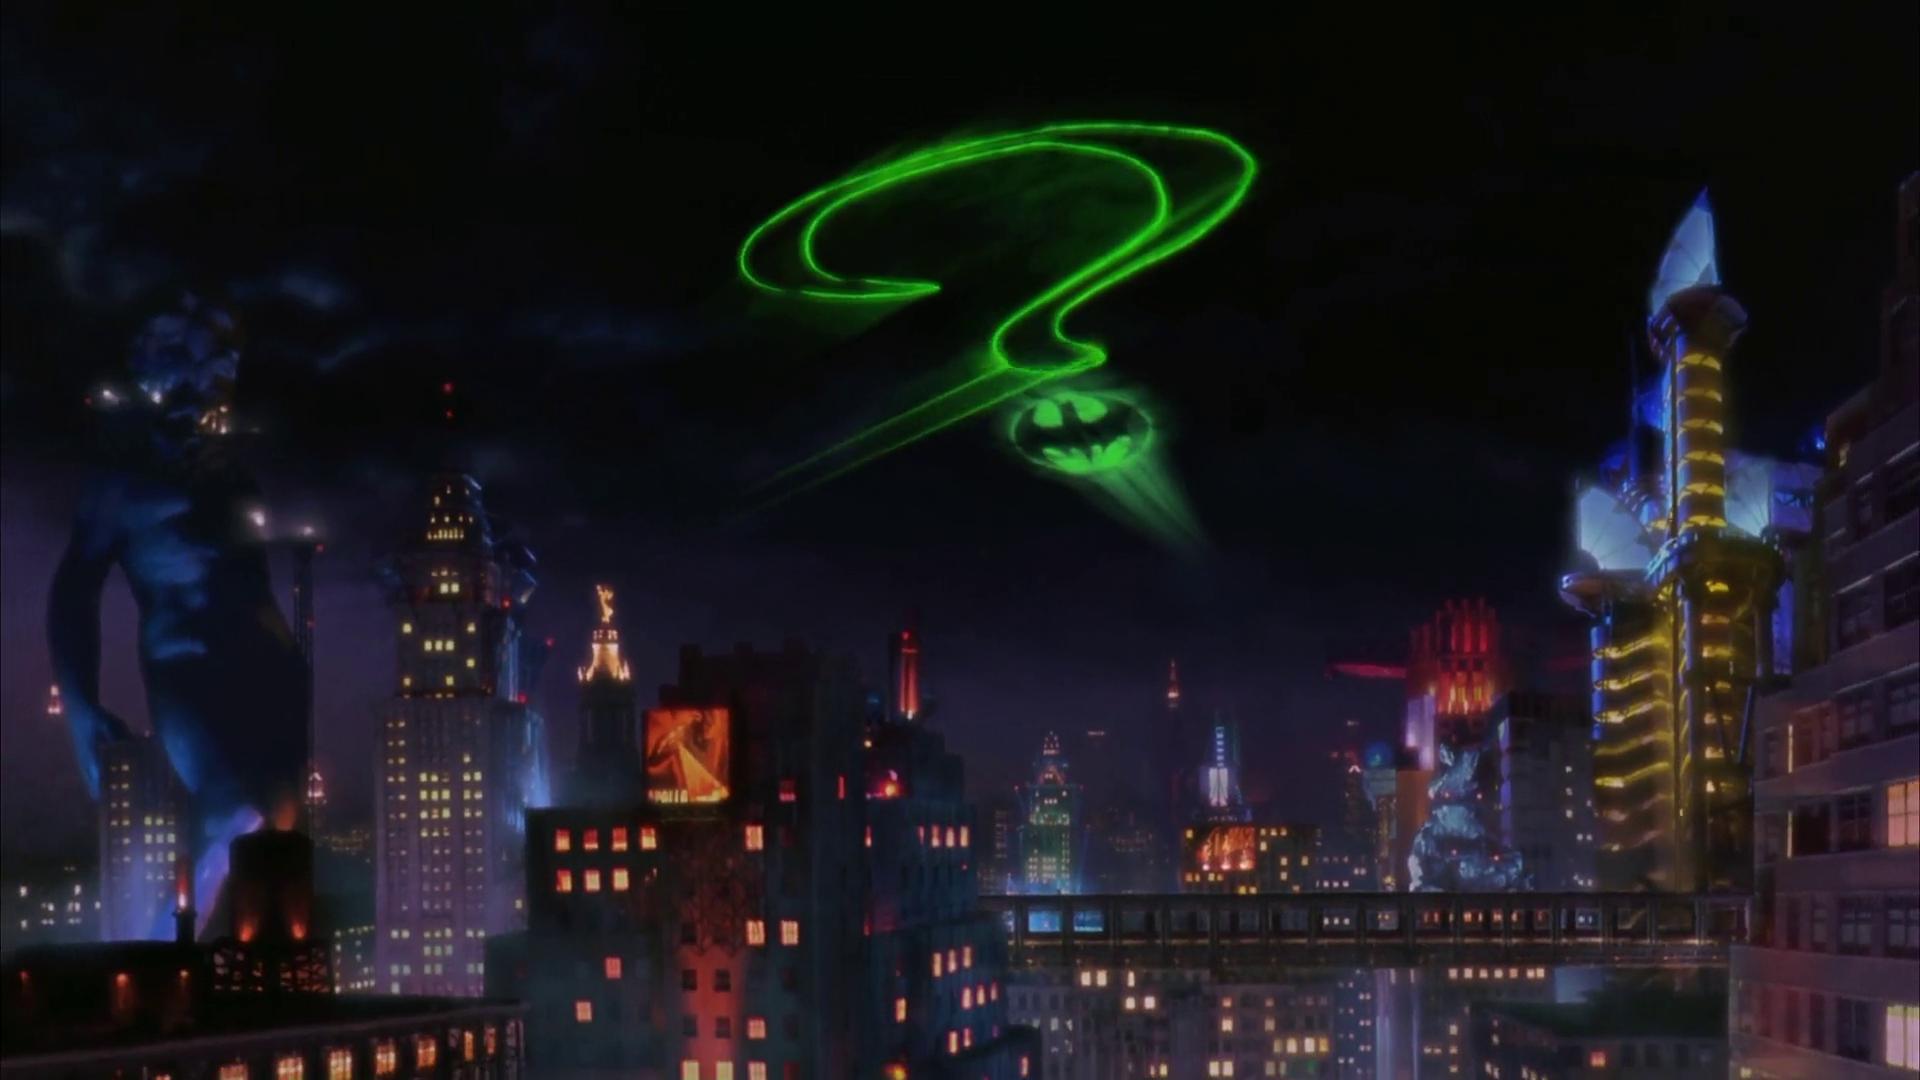 Batsignal Batman Wiki Fandom Powered By Wikia